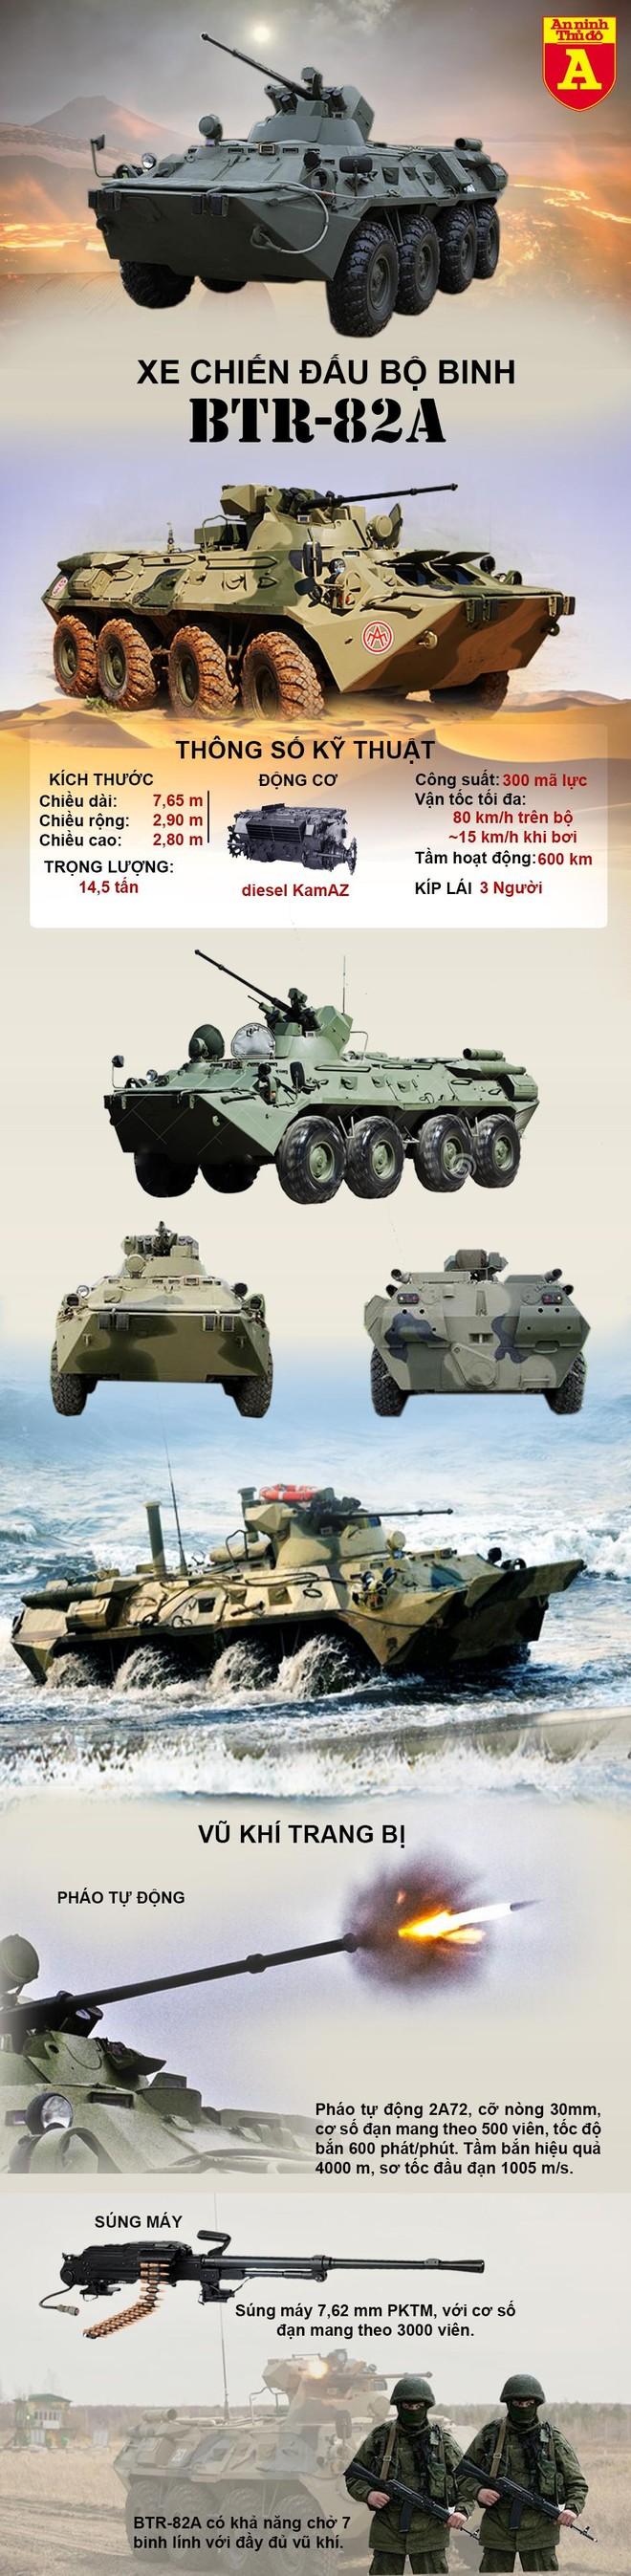 [Info] 'Báo thép' BTR-82A Nga rầm rập tiến về bán đảo Crimea ảnh 2